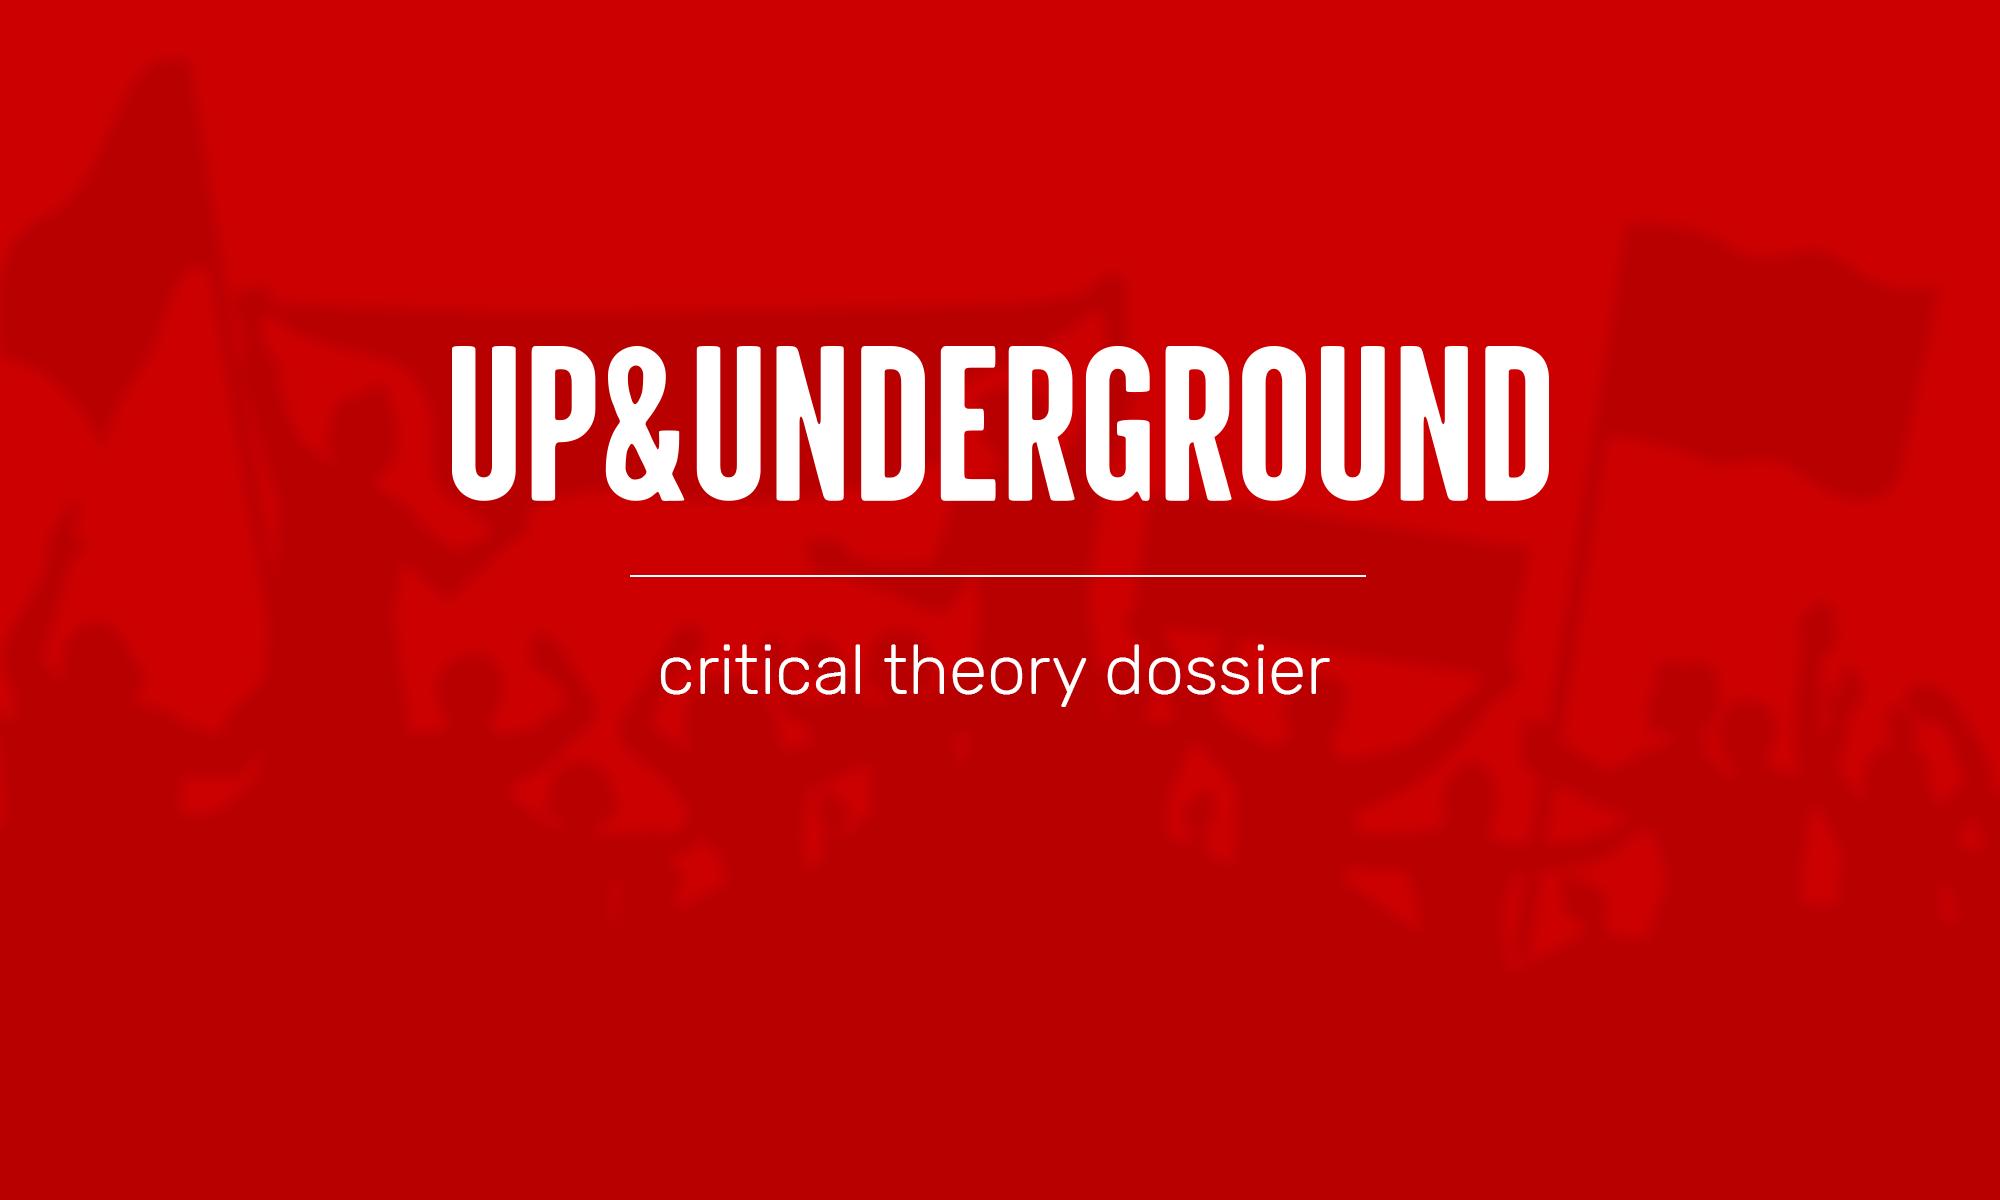 UP&UNDERGROUND